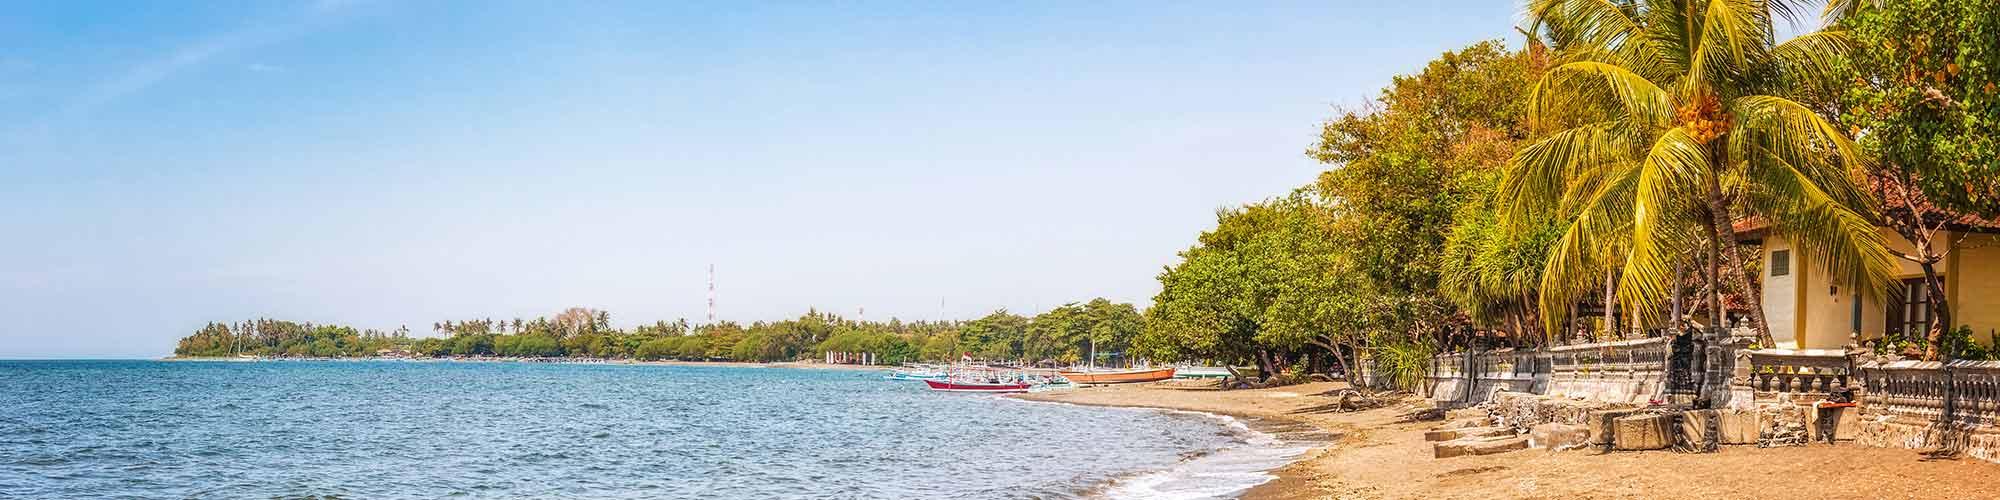 El paraíso perdido: Bali e Islas Gigi - El Pais Viajes